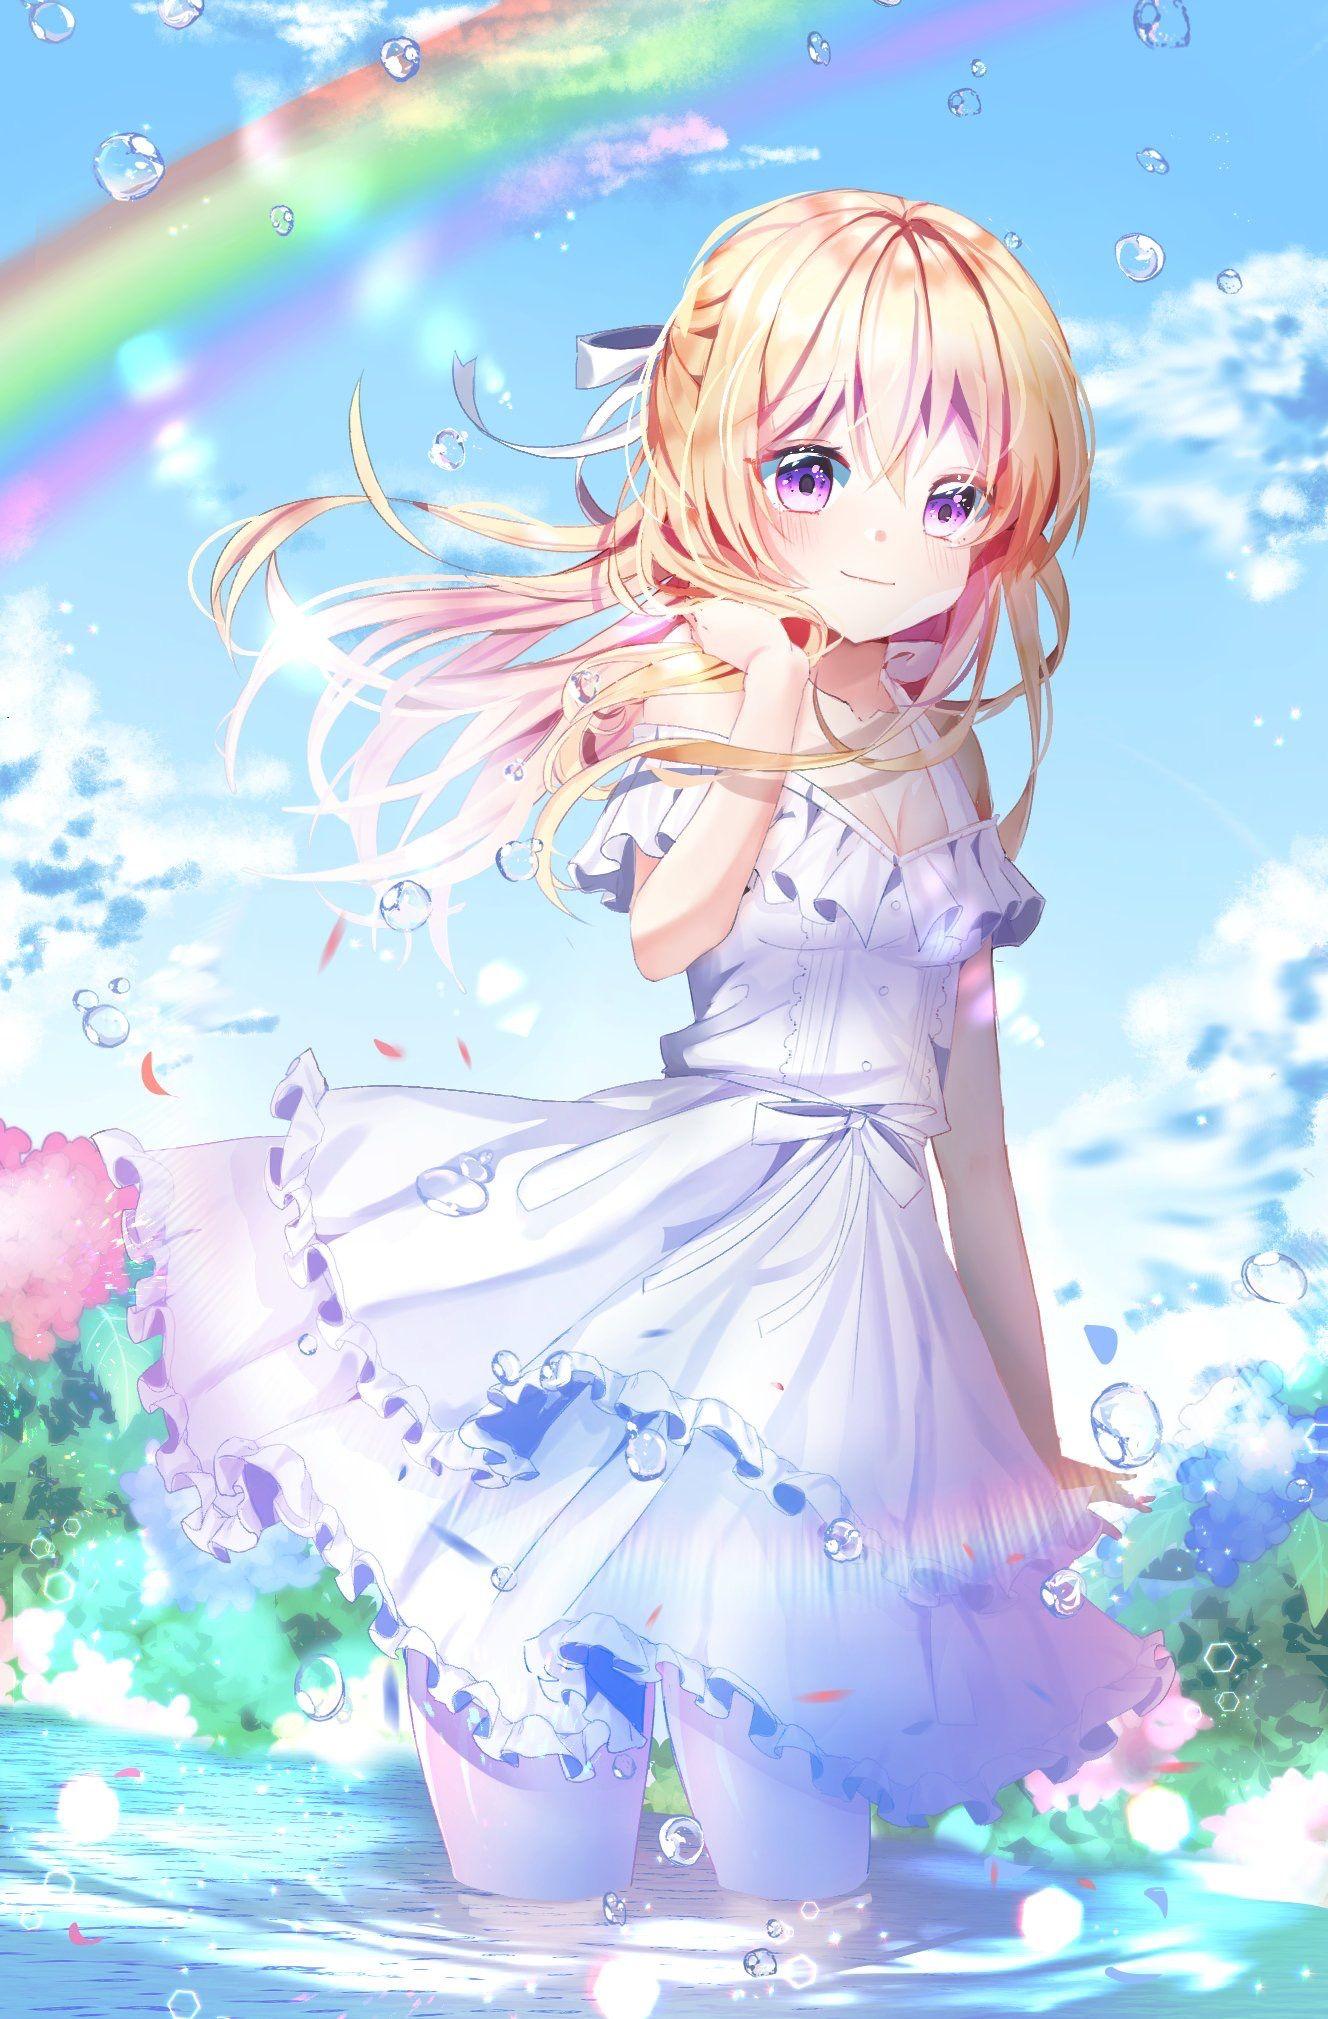 Follow me Cô Gái Phim Hoạt Hình, Manga Anime, Chàng Trai Anime, Hoạt